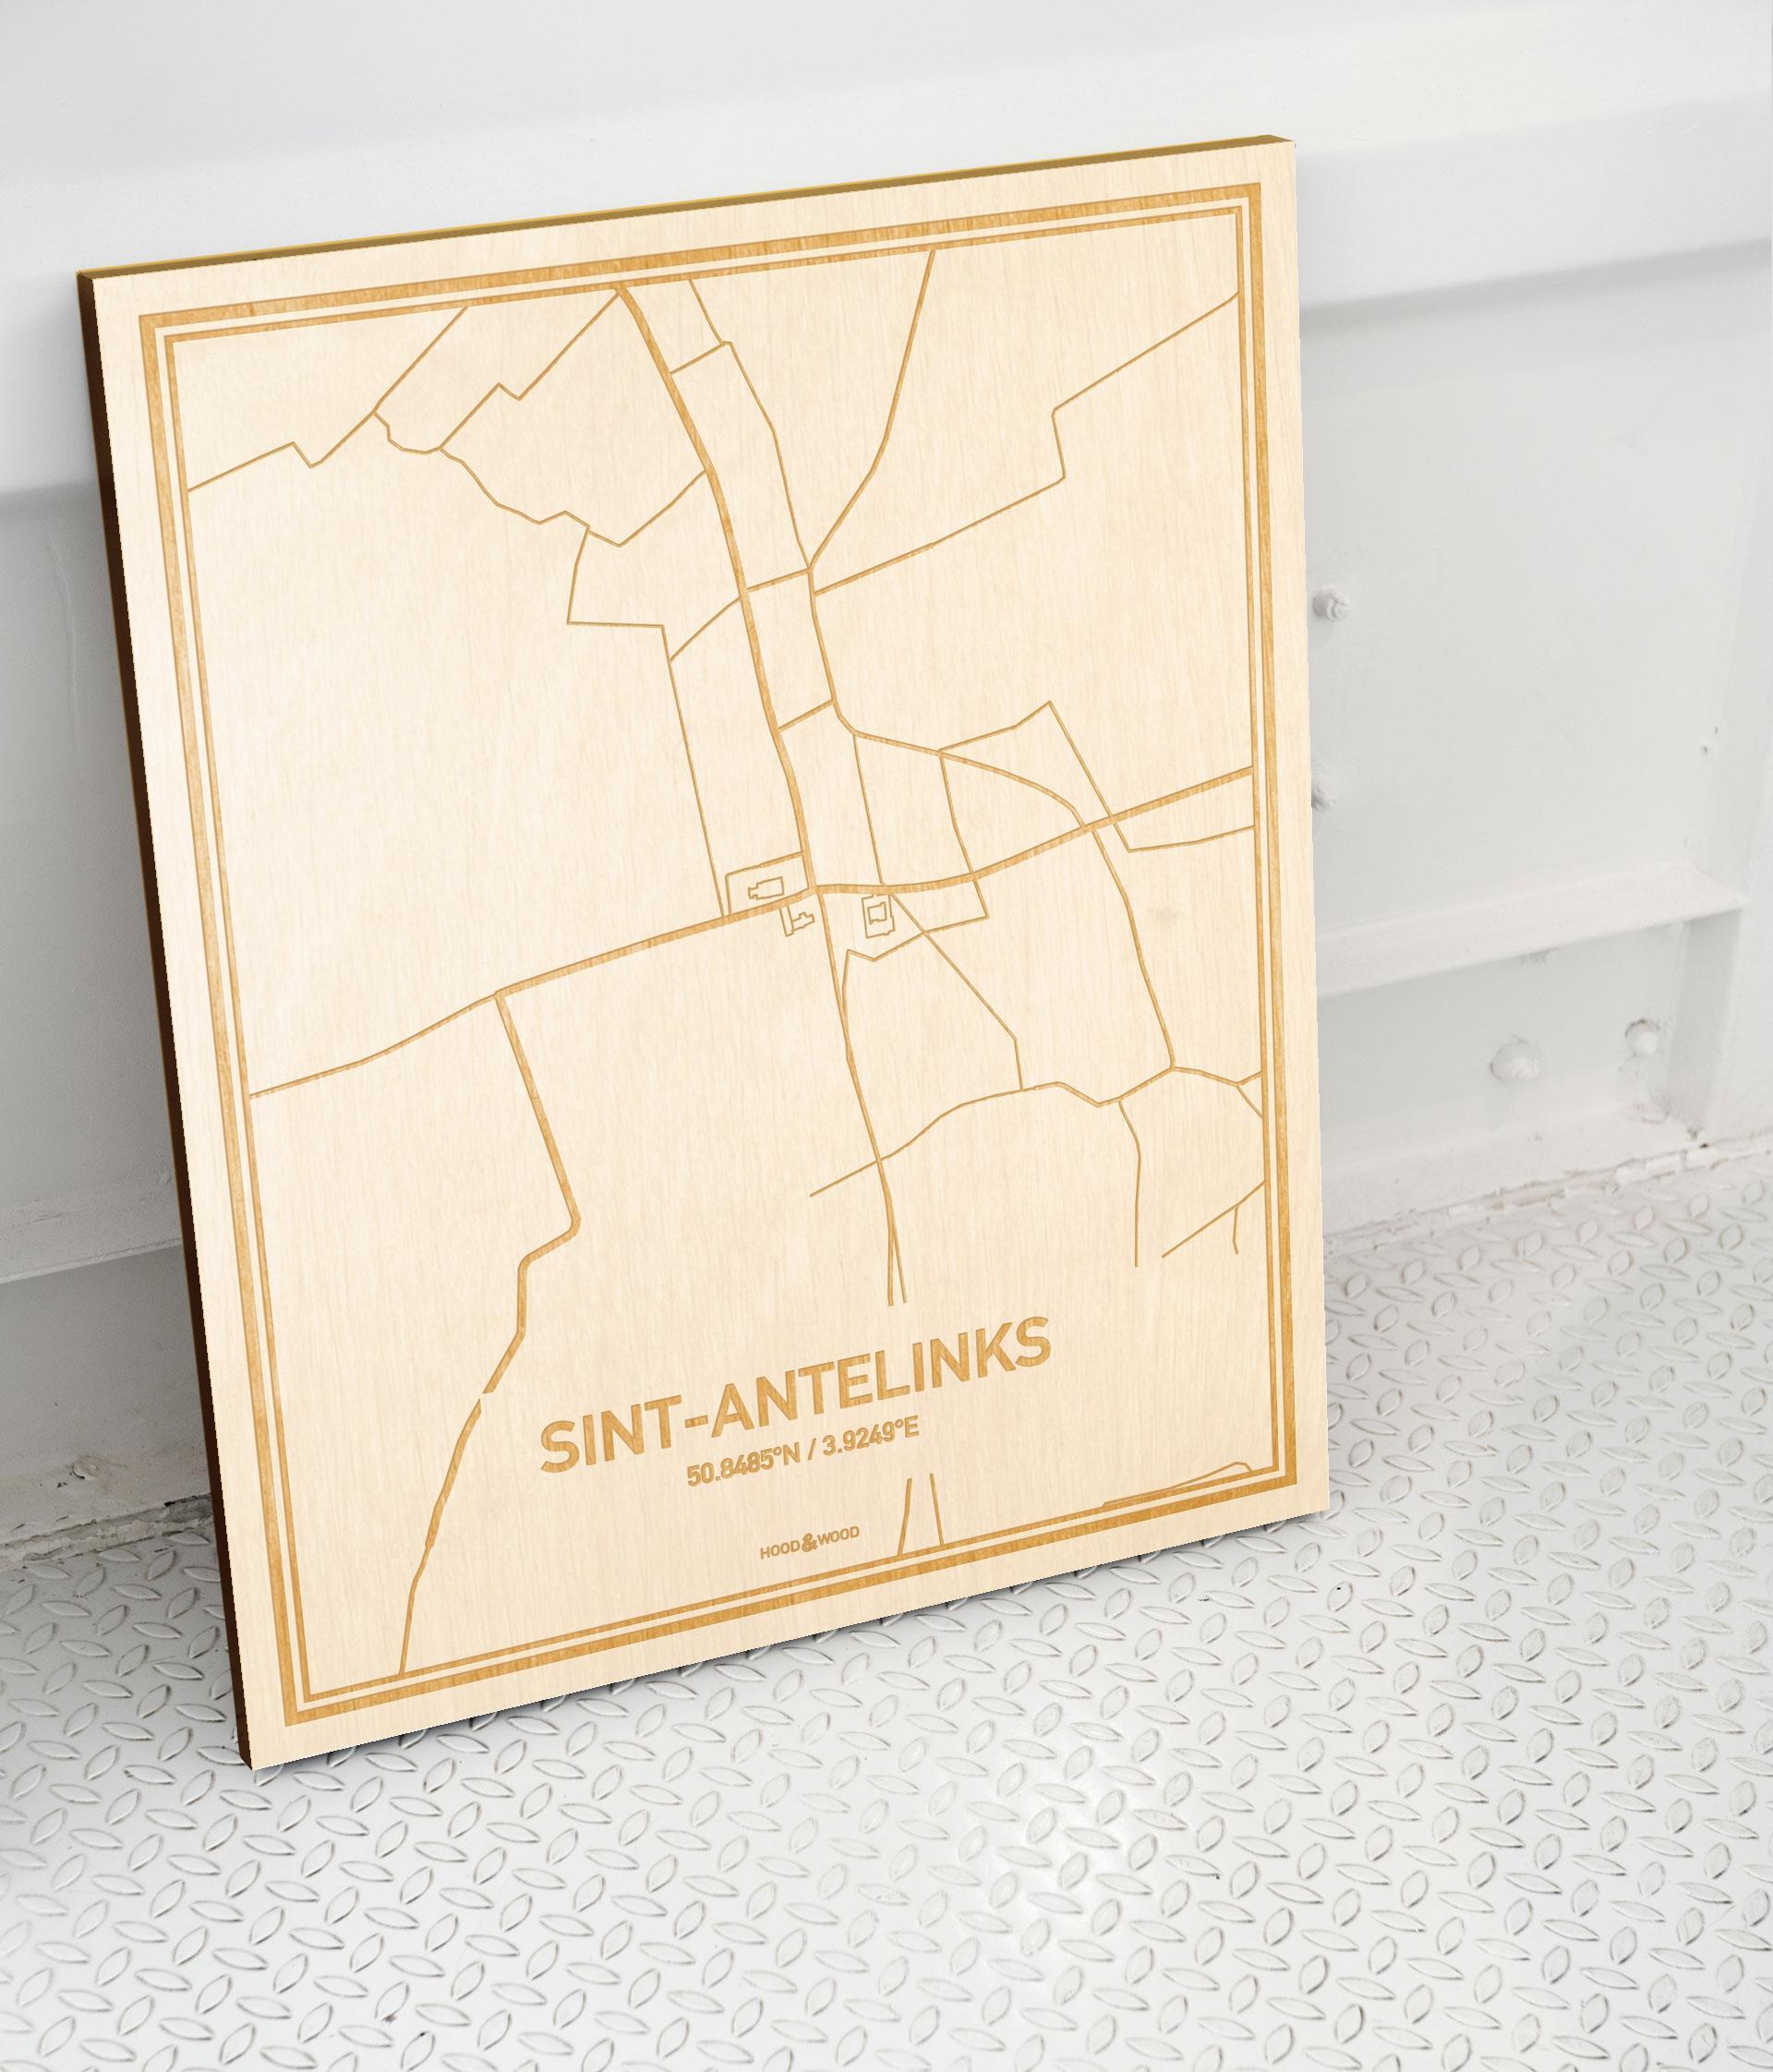 Plattegrond Sint-Antelinks als prachtige houten wanddecoratie. Het warme hout contrasteert mooi met de witte muur.